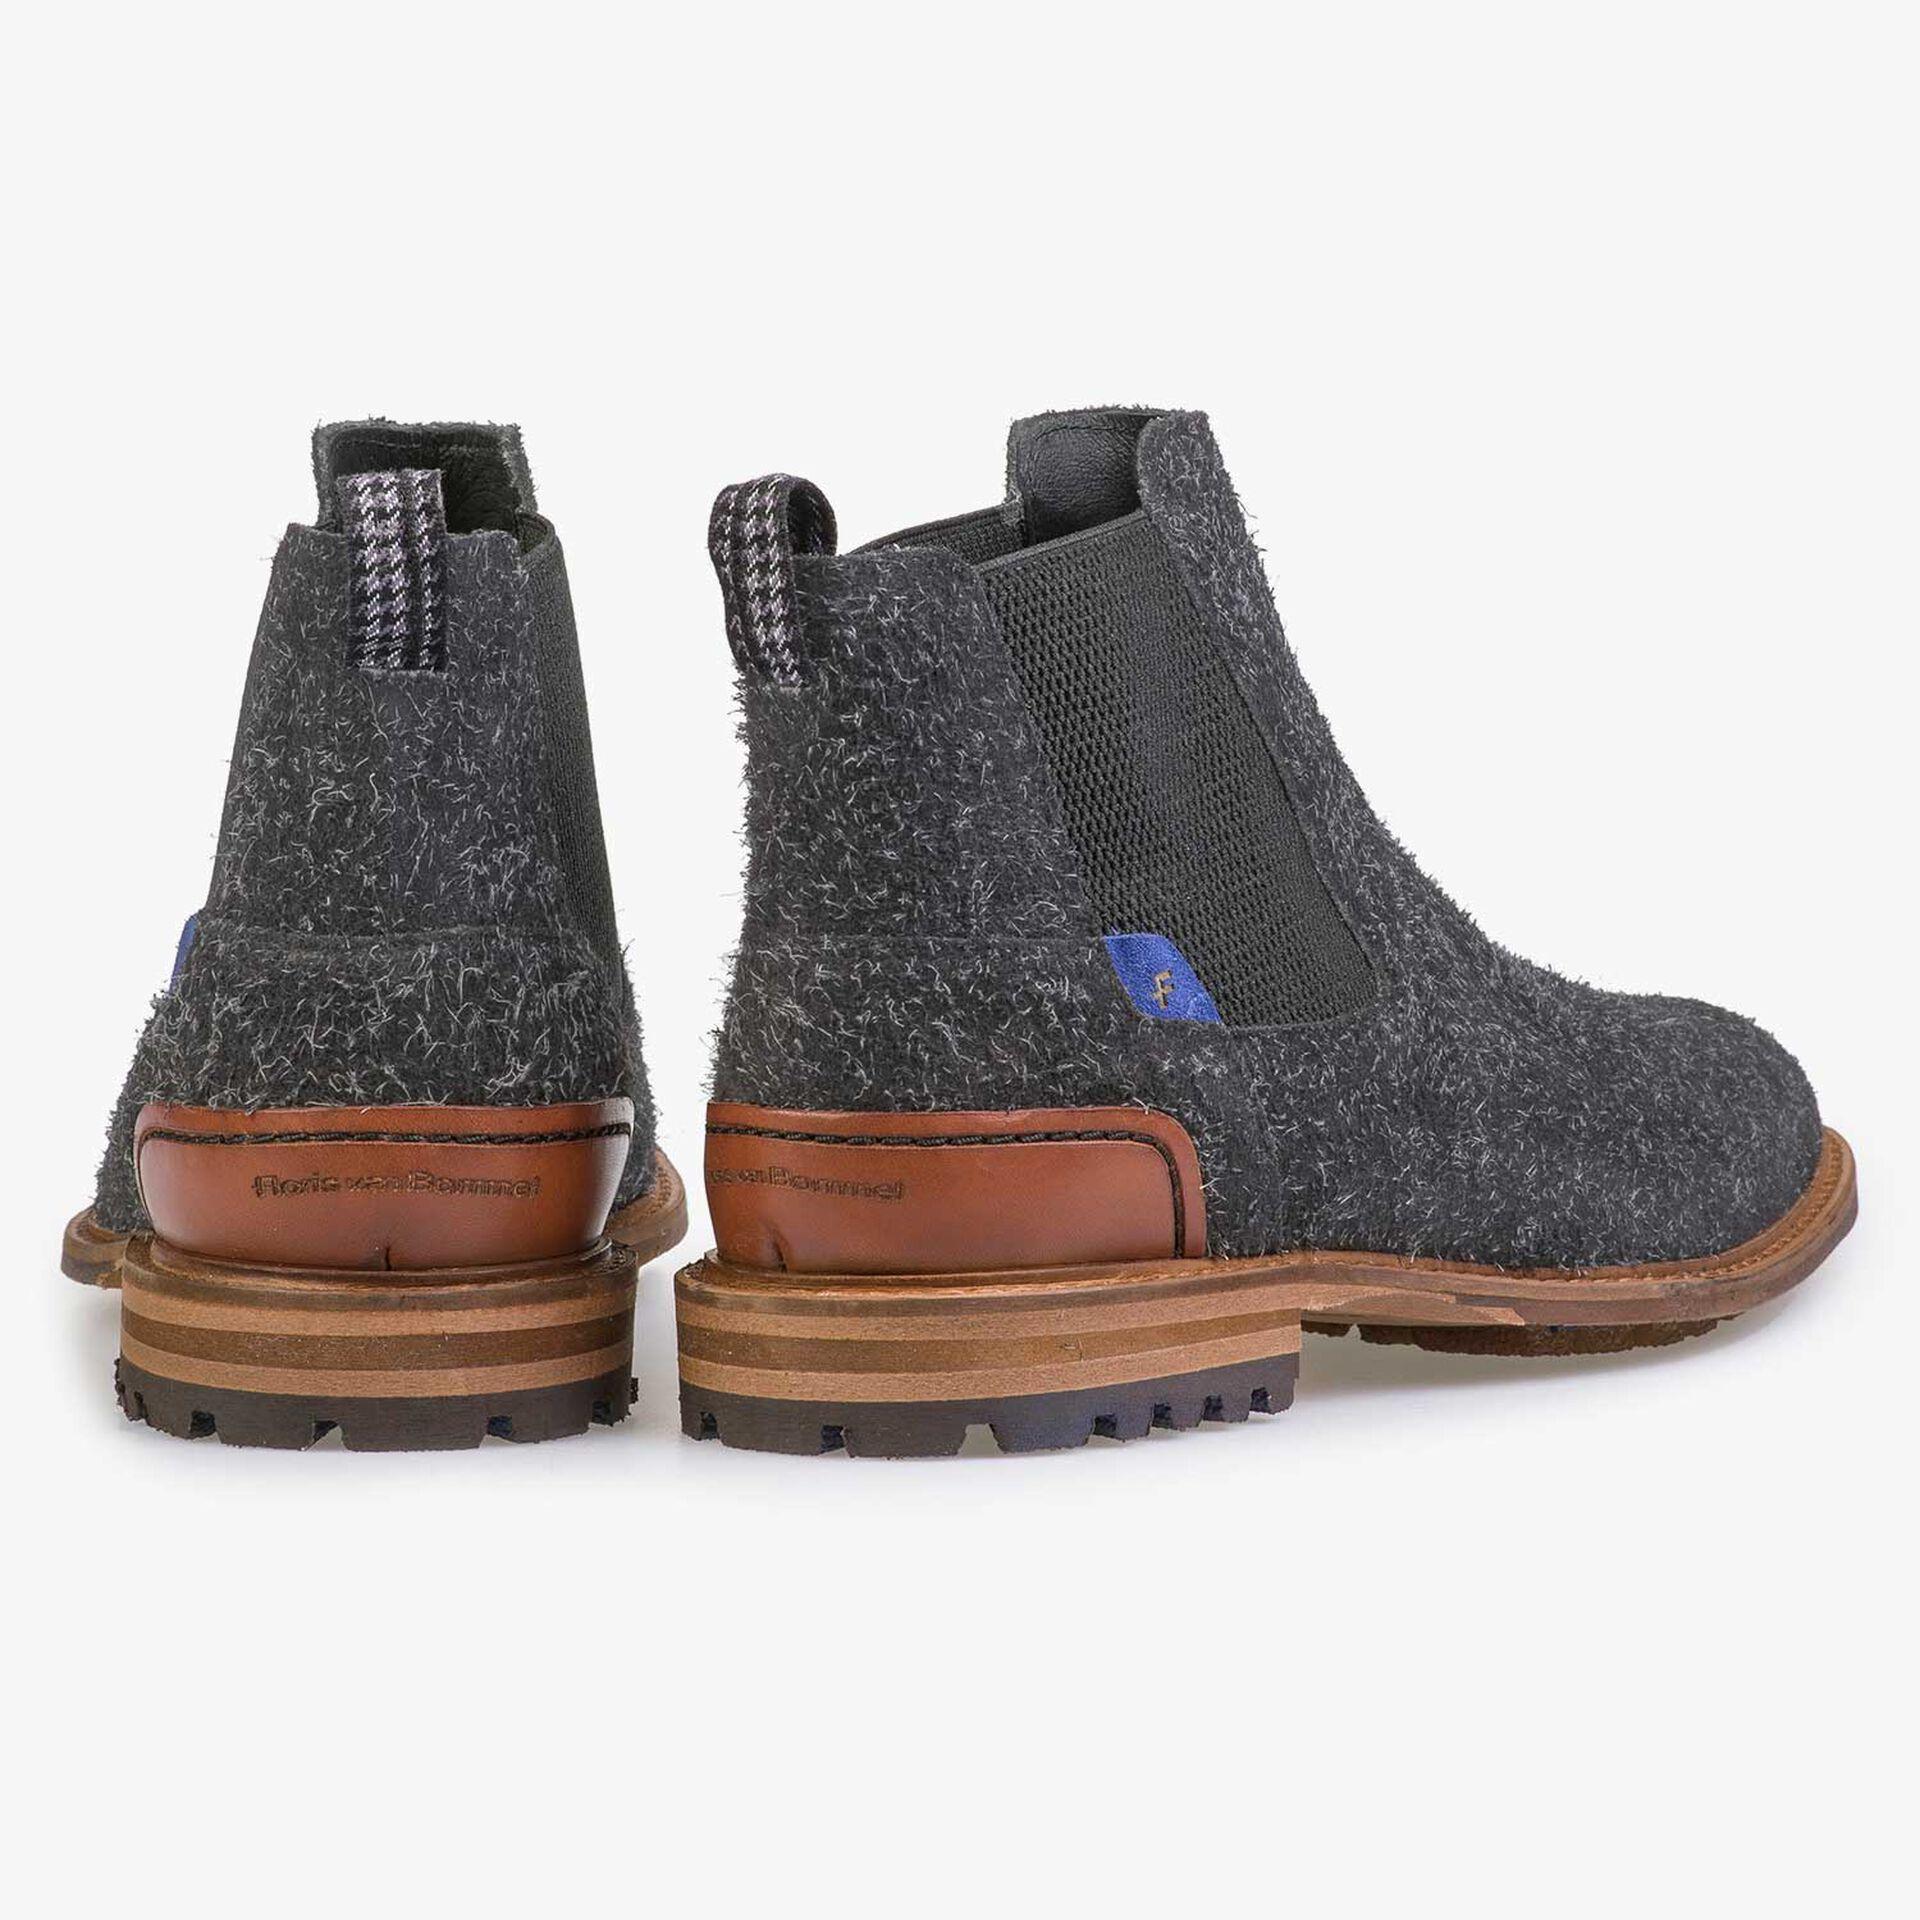 Donkergrijze ruwharige chelsea boot